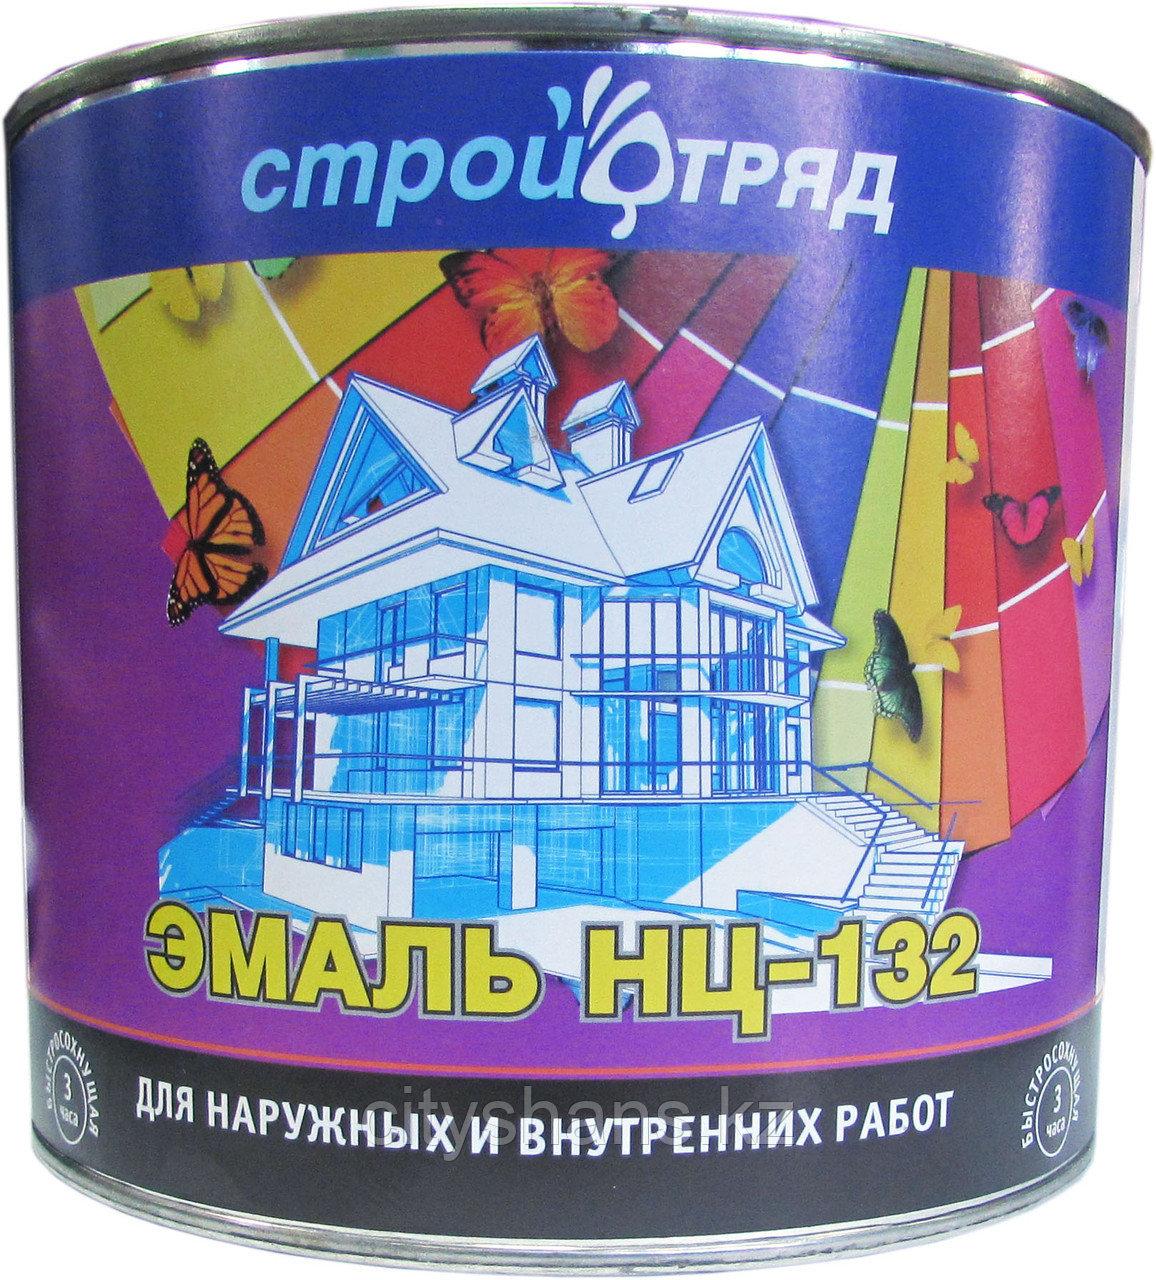 ЭМАЛЬ НЦ-132 коричневая 1,7 кг